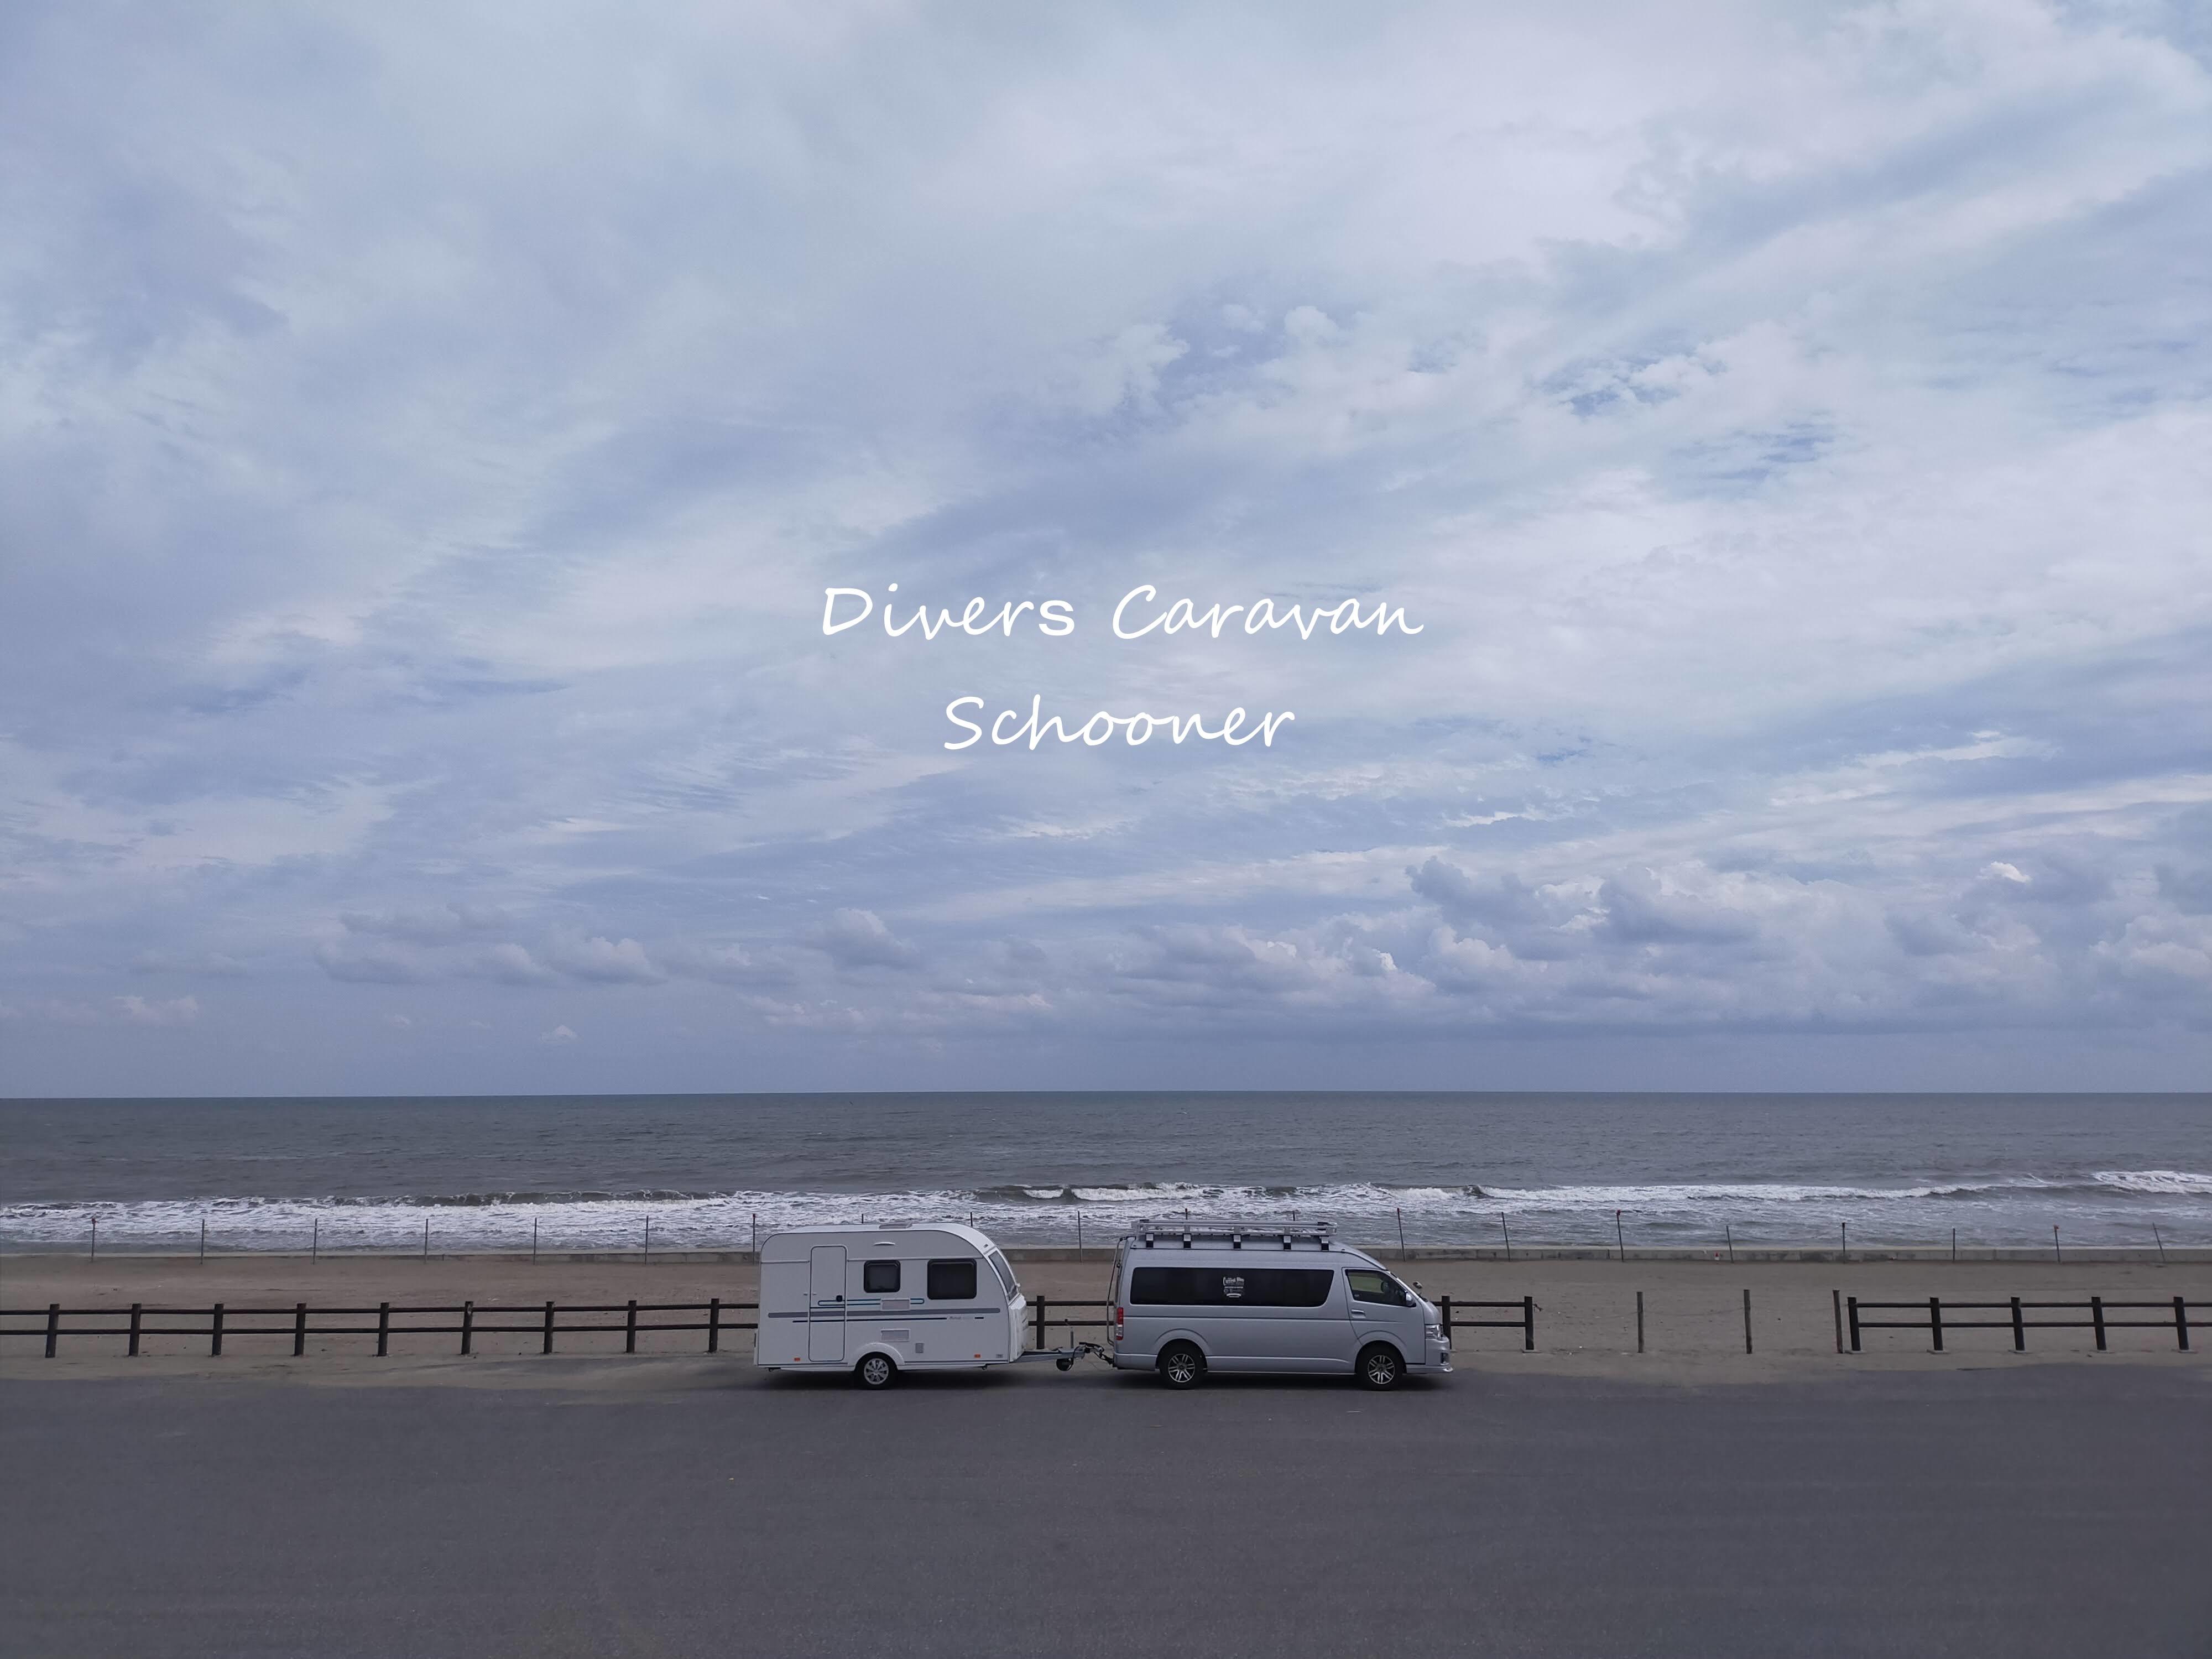 ダイバーズキャラバン,九十九里浜キャンピングトレーラー (1)